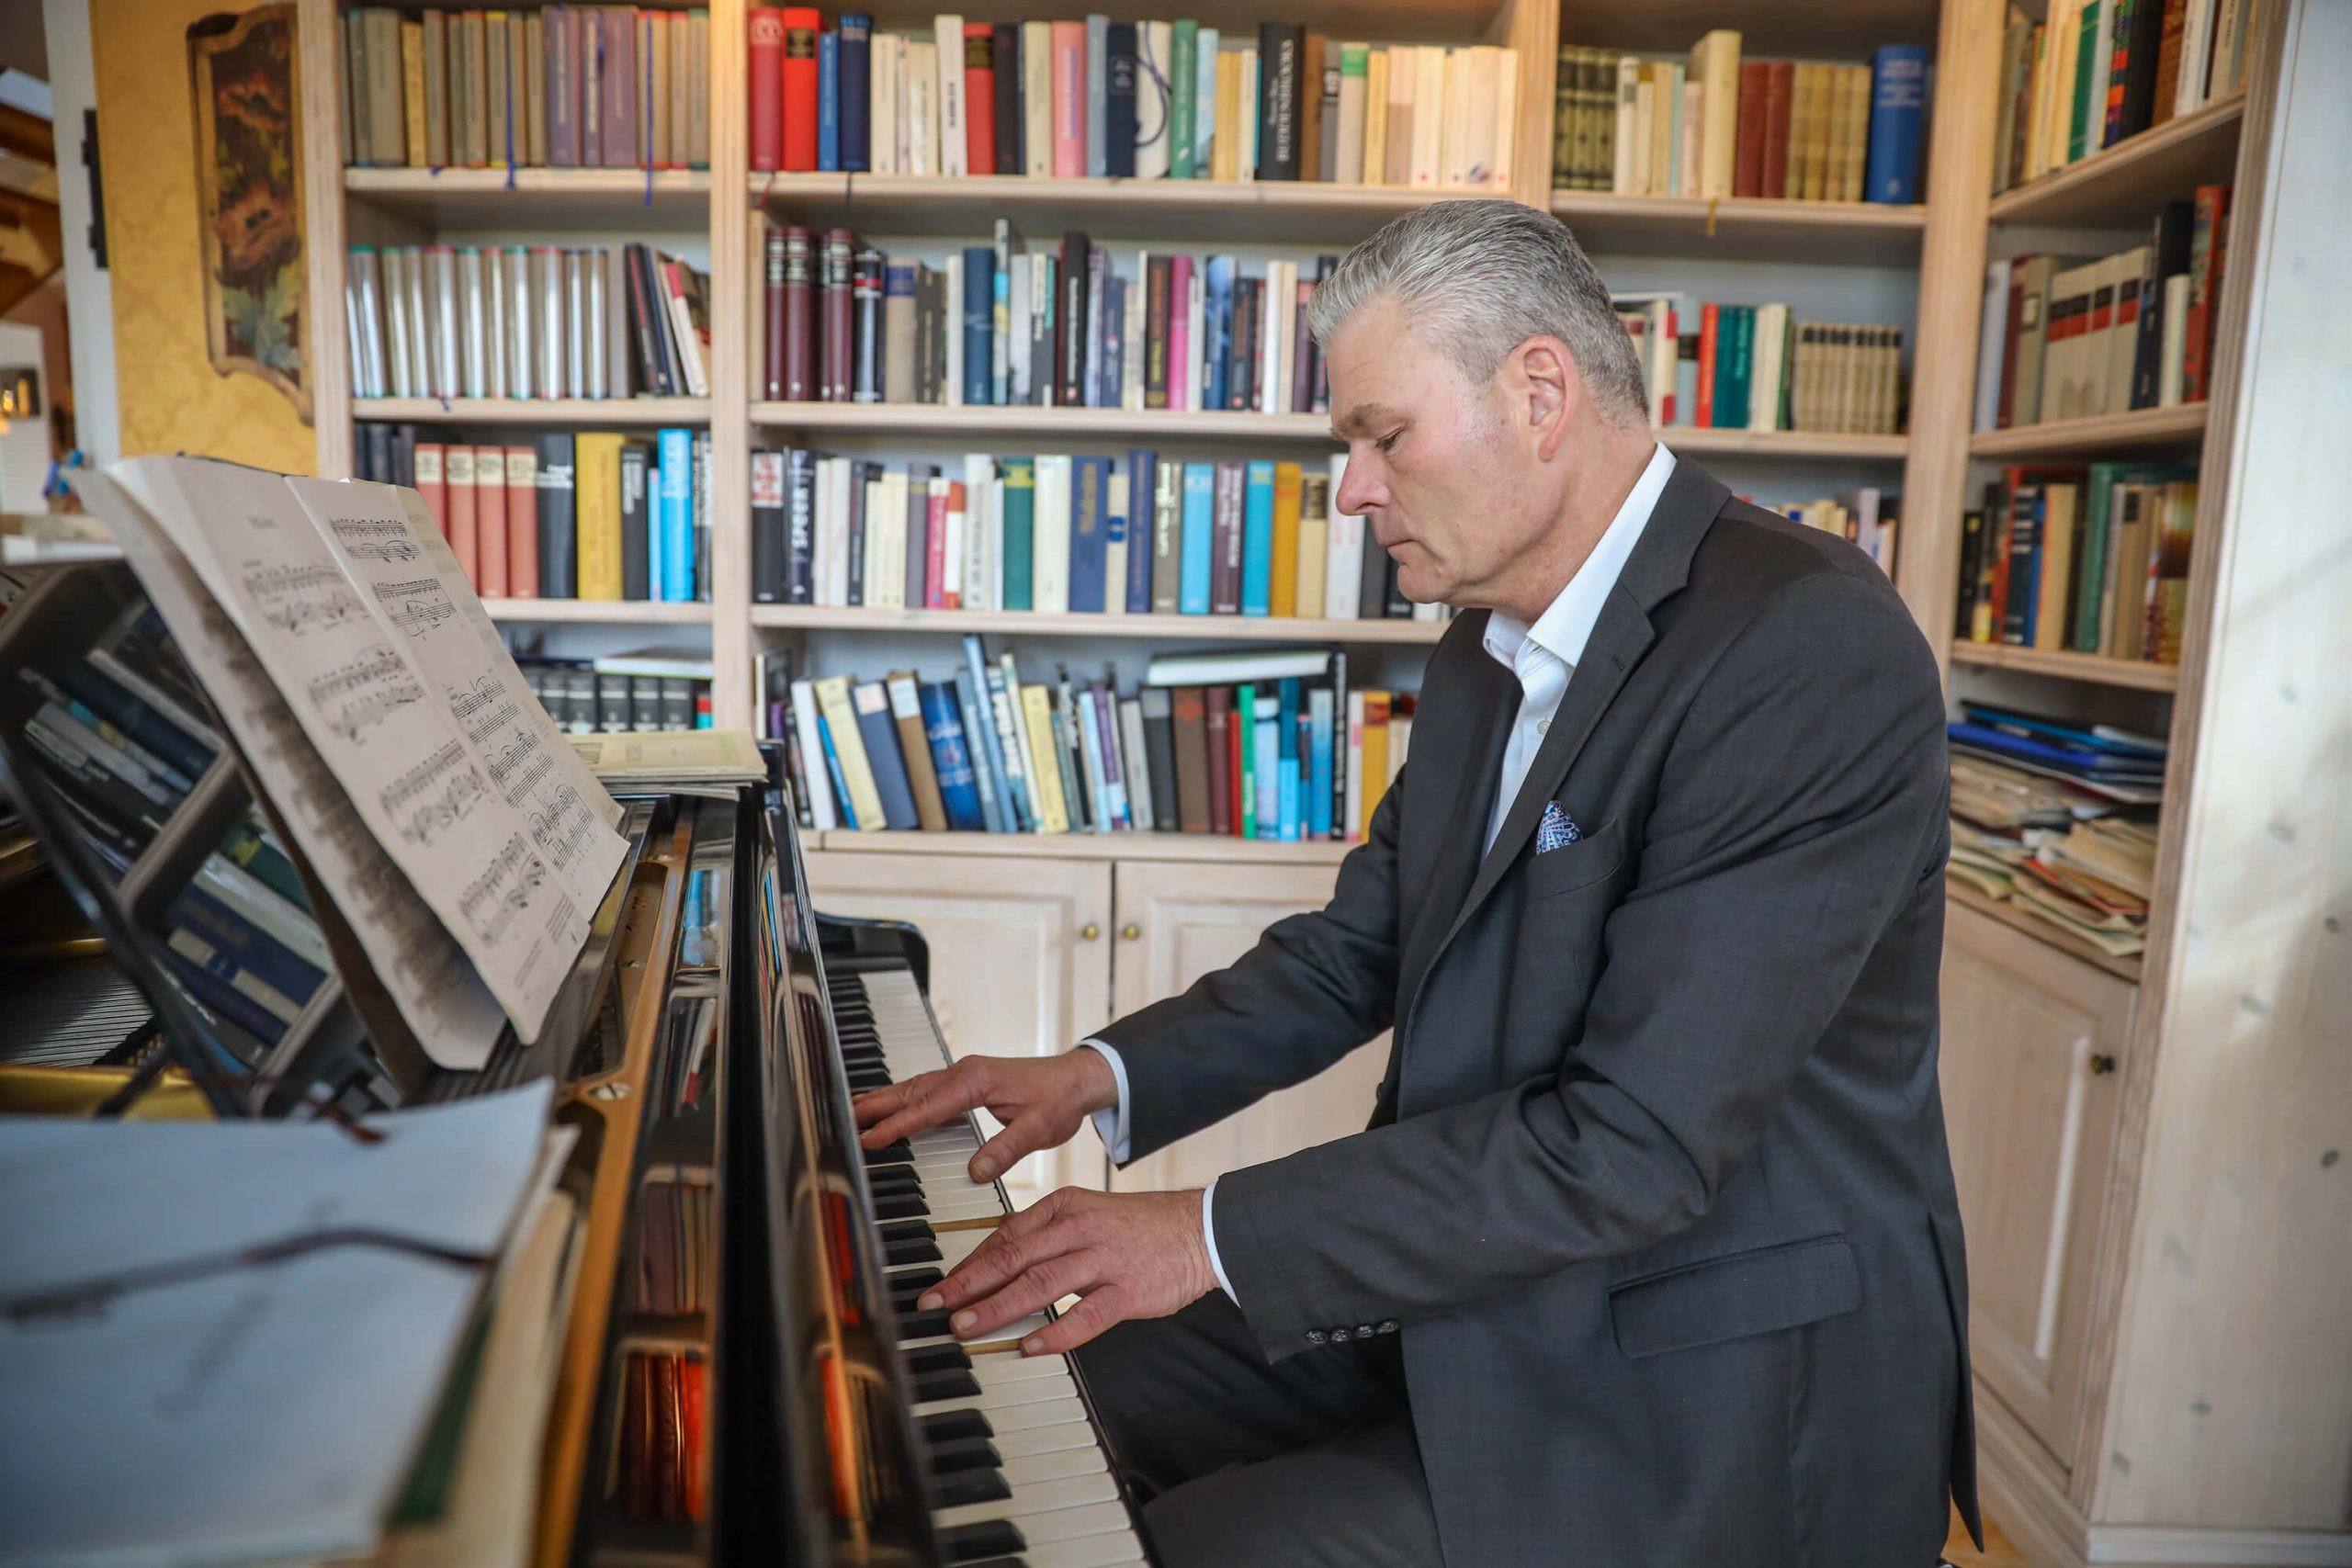 Holger Stahlknecht - Musik ist meine Entspannung